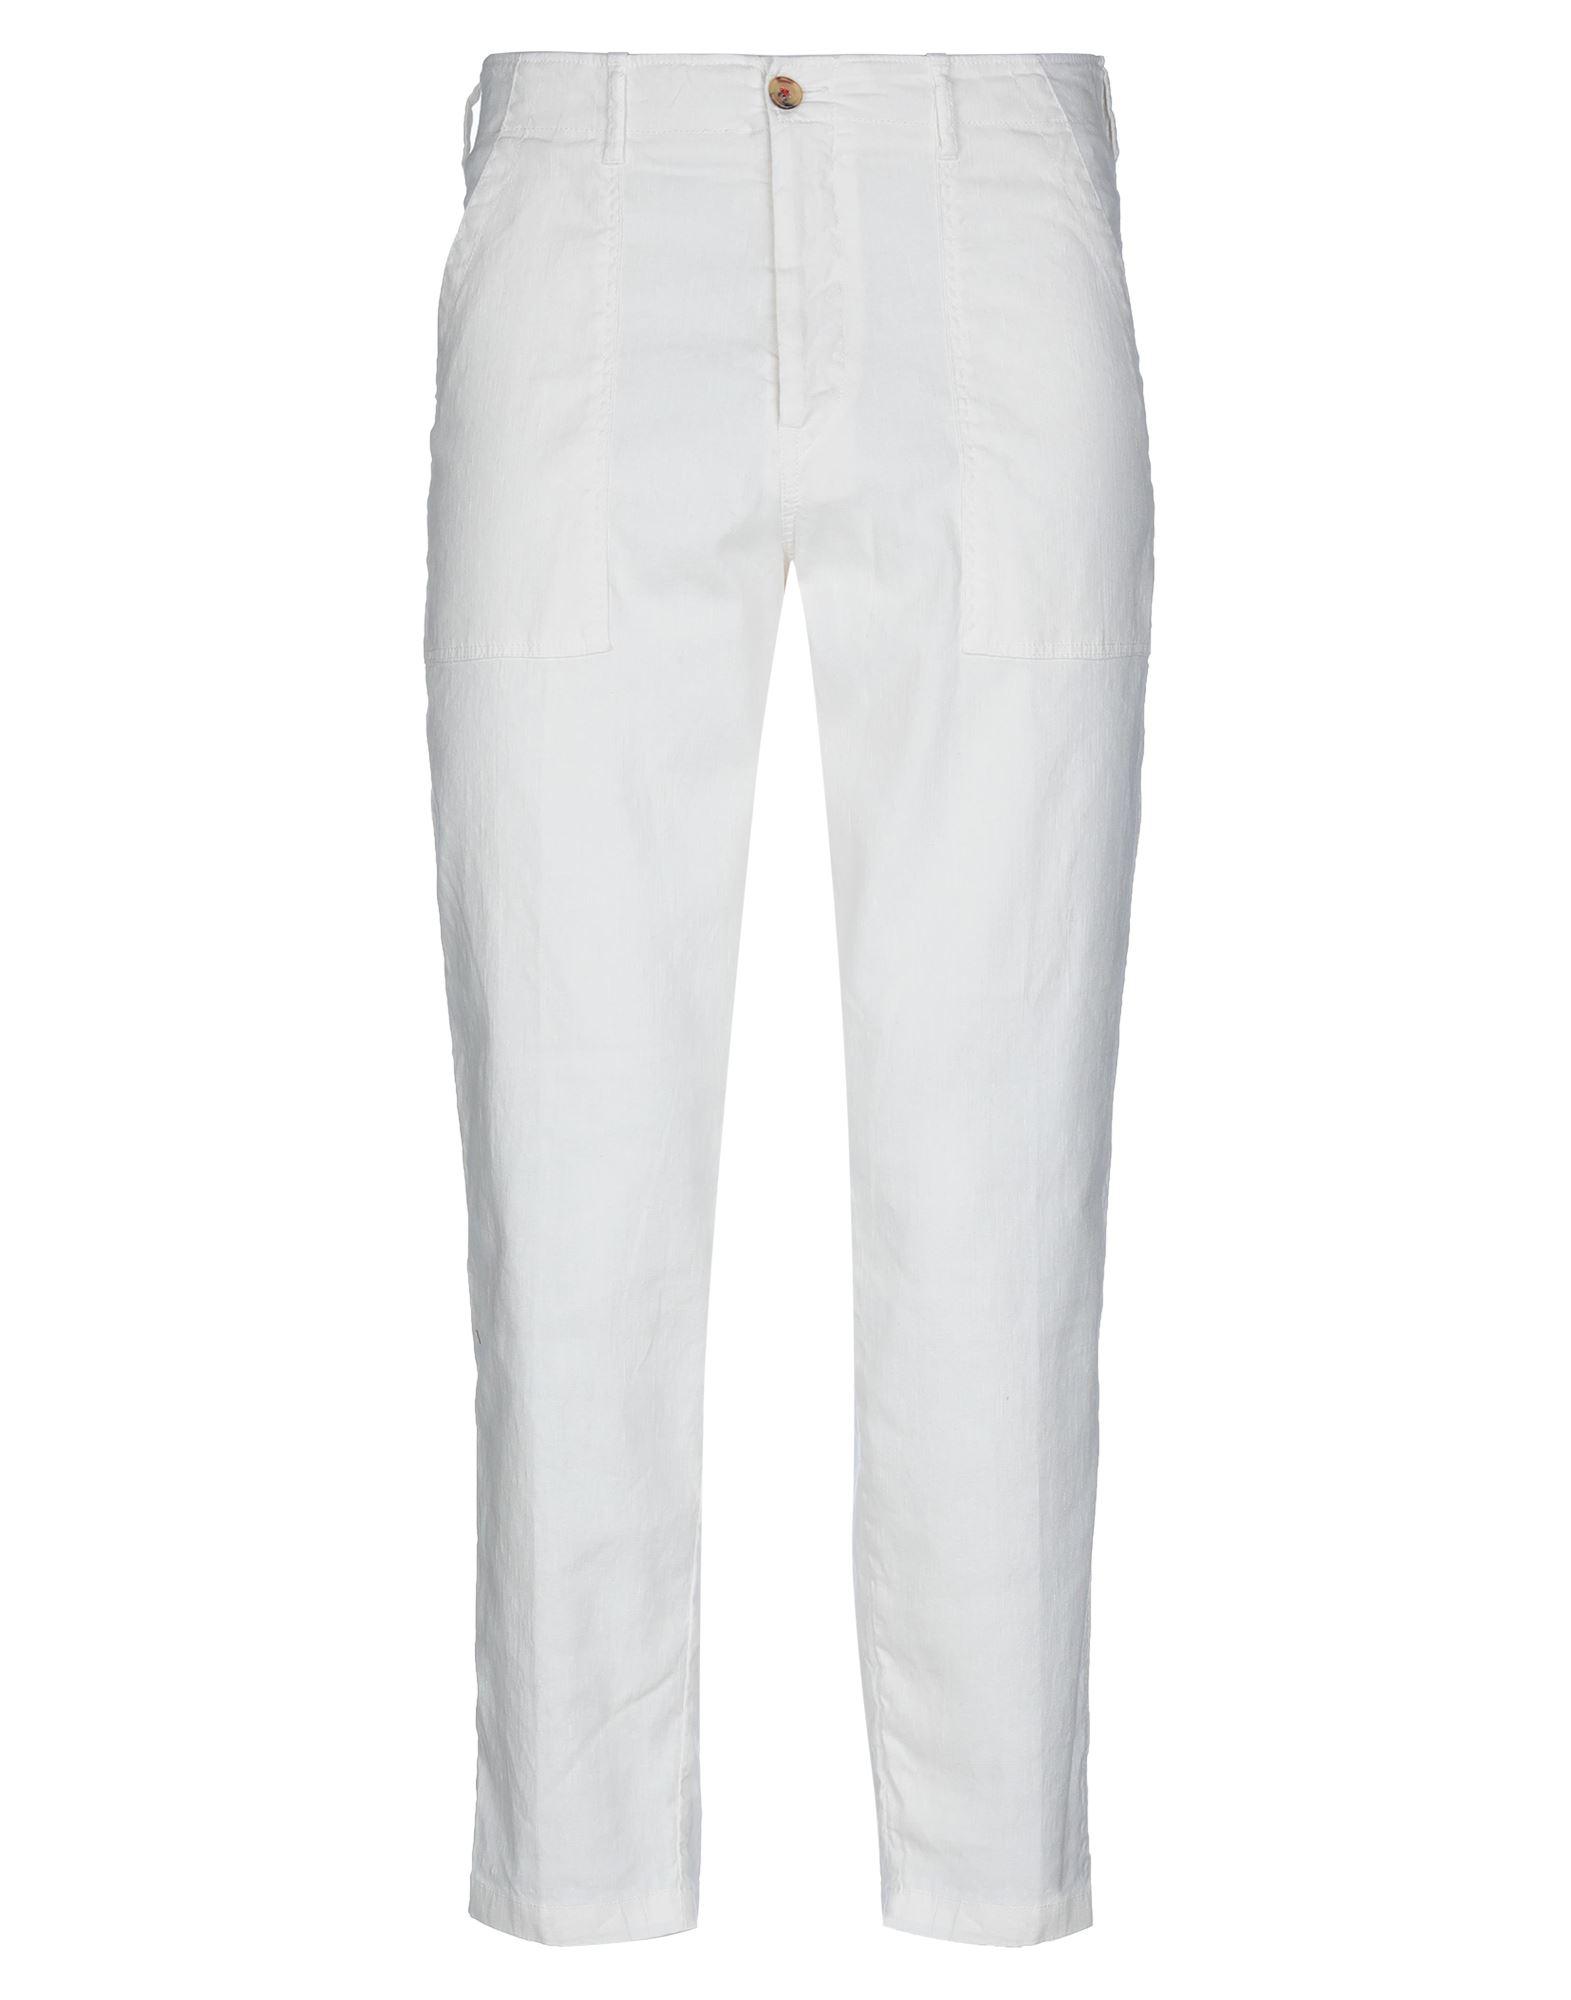 Фото - HOMEWARD CLOTHES Повседневные брюки homeward clothes бермуды